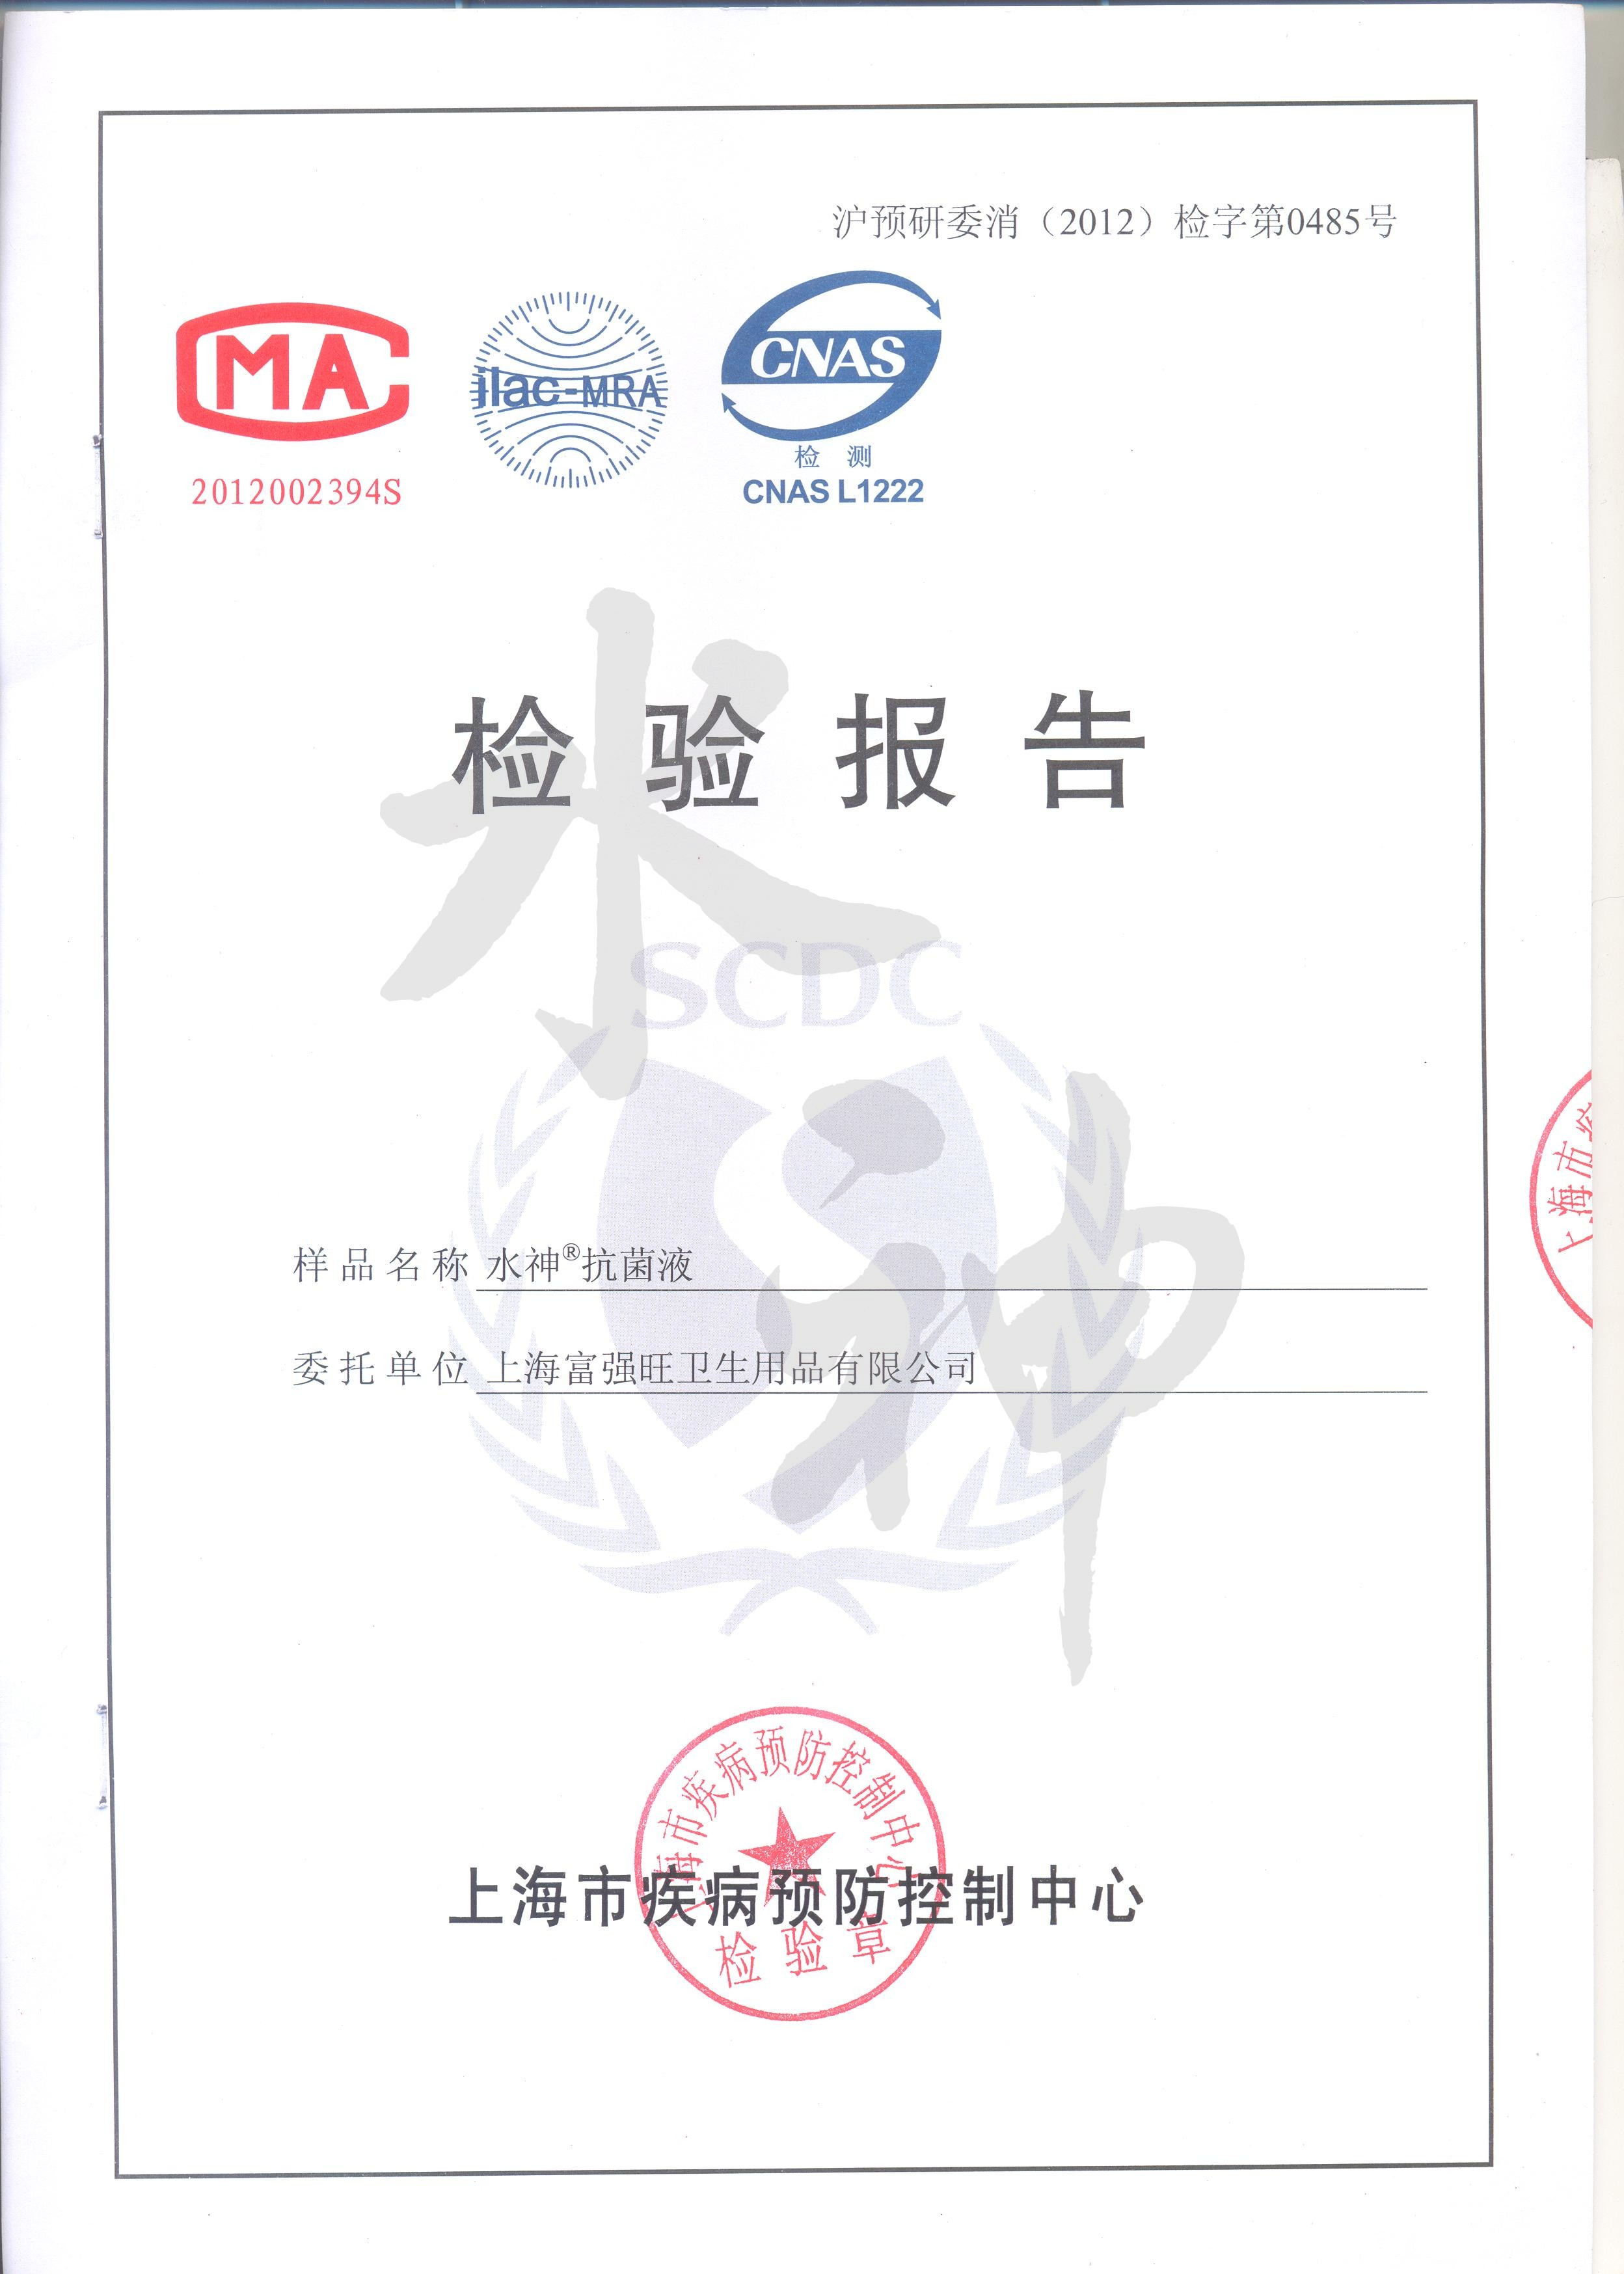 上海市疾控中心检测报告